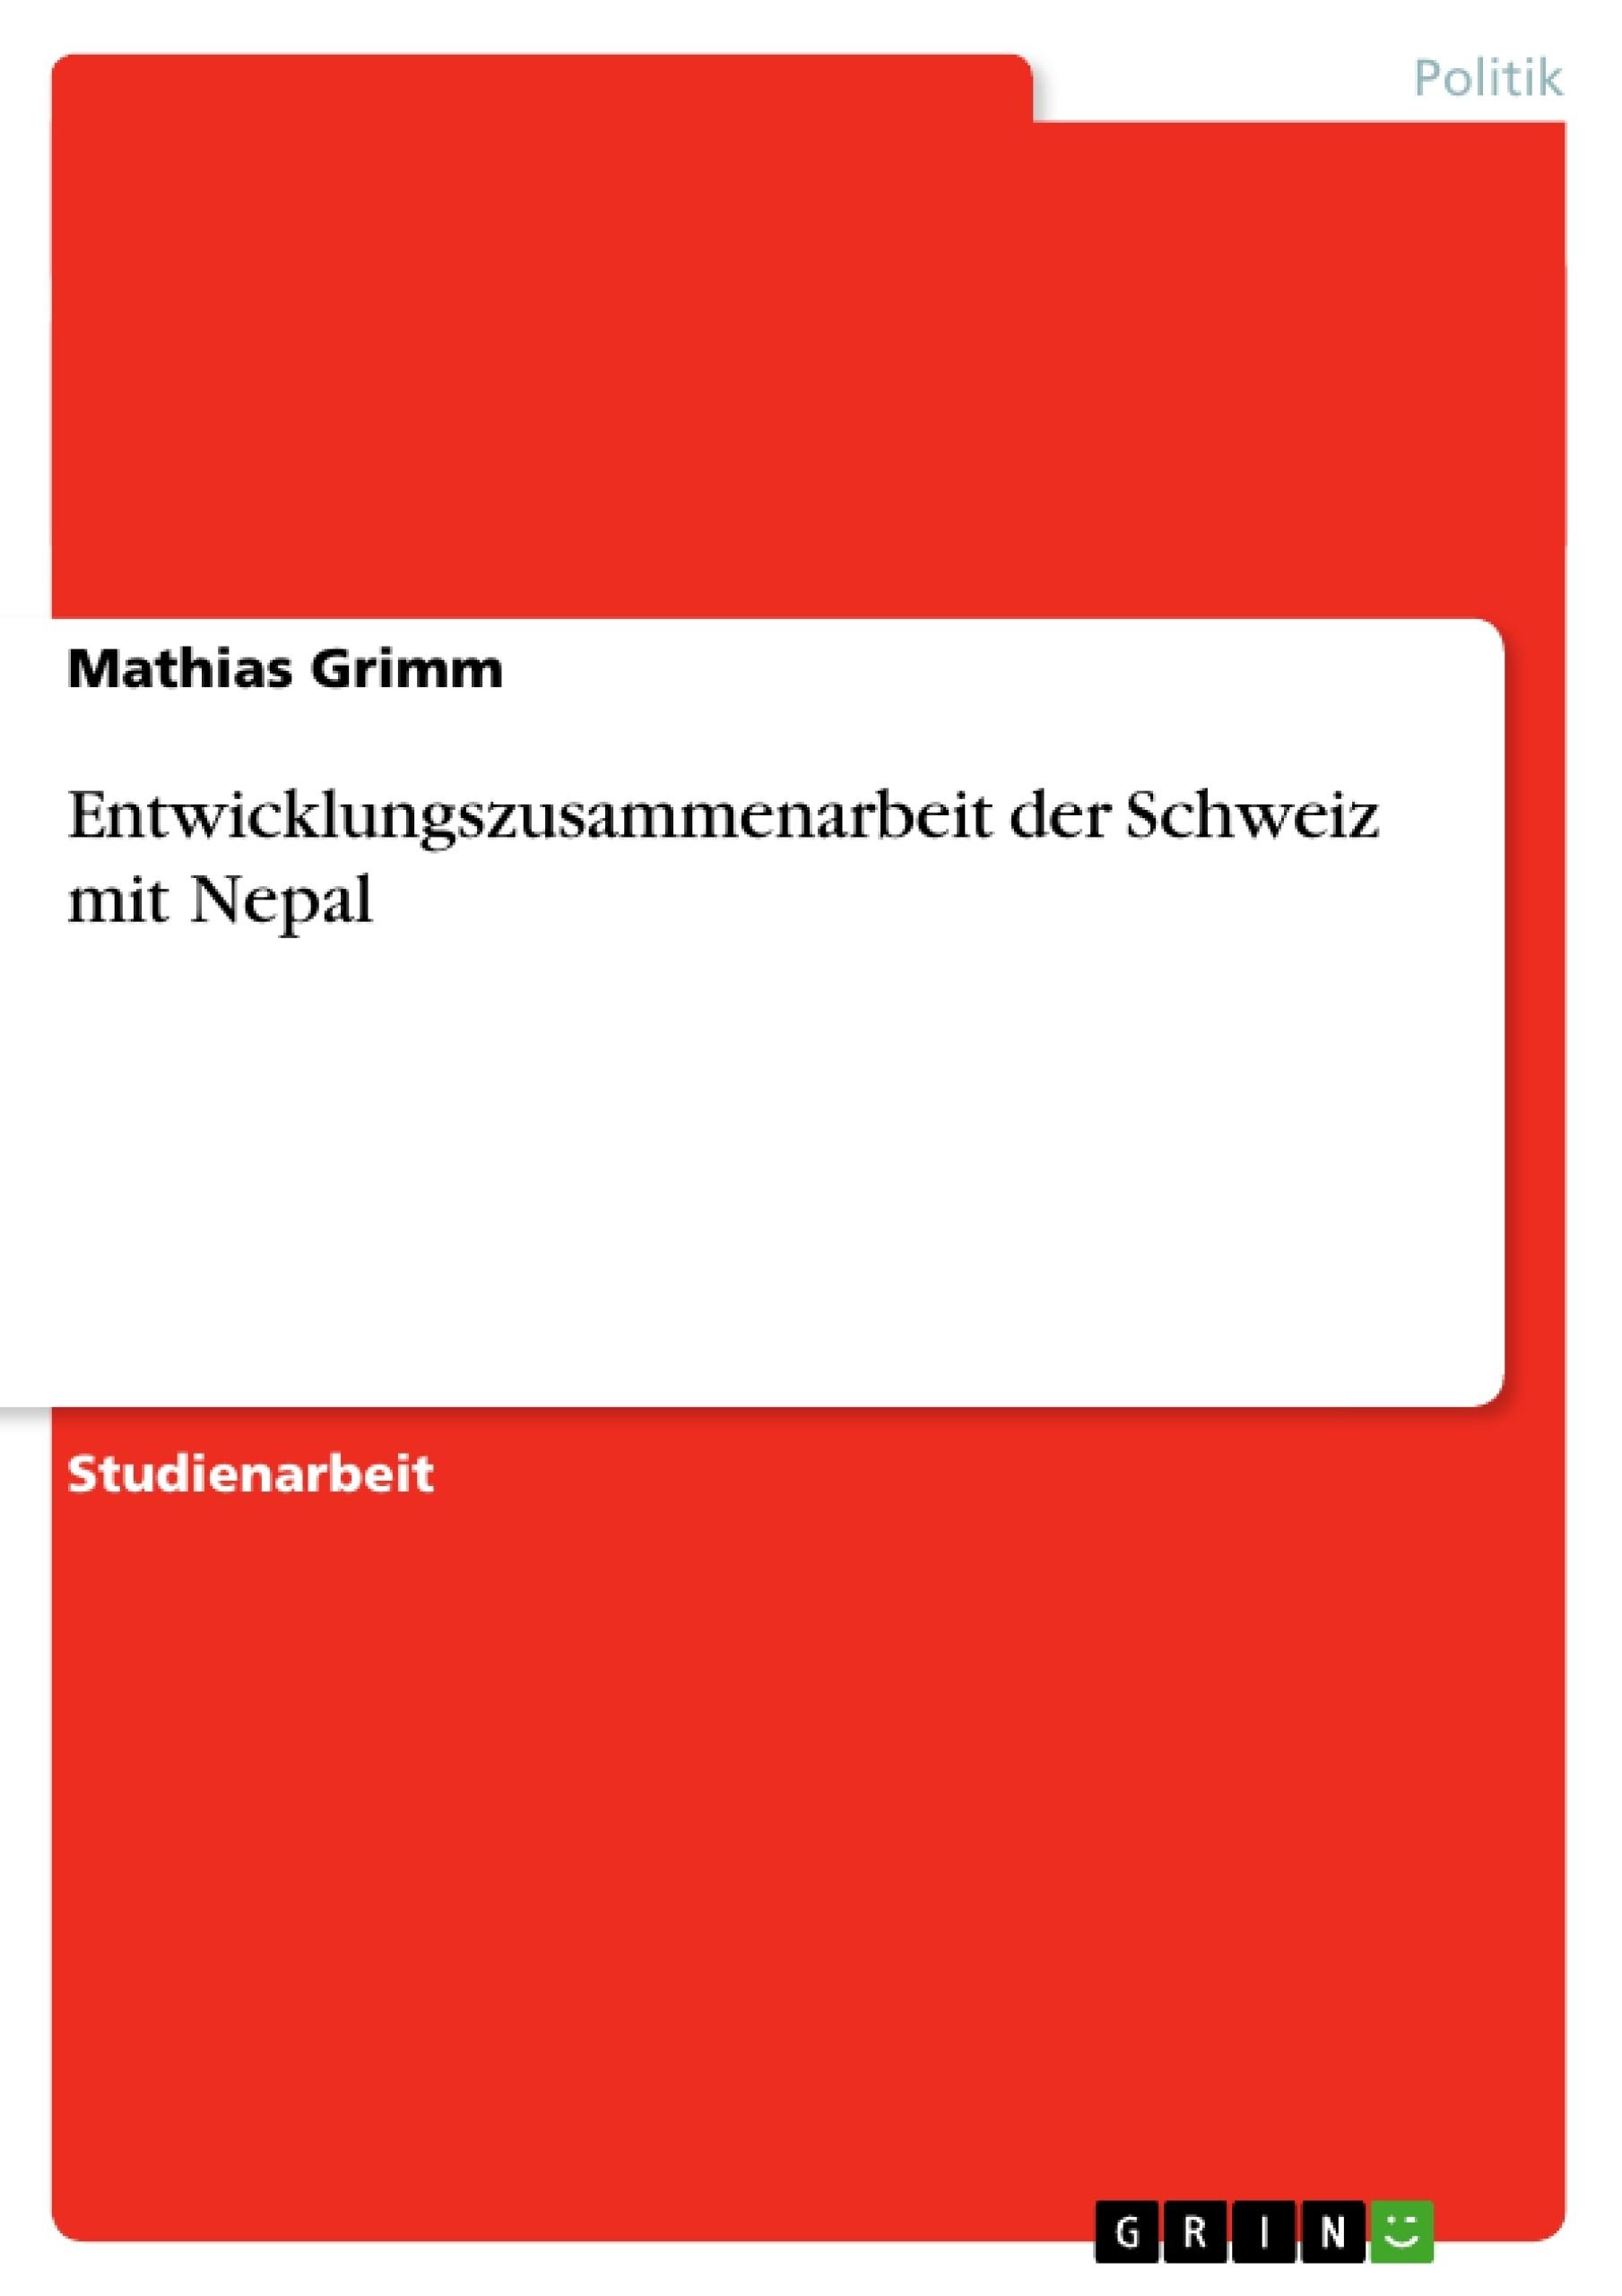 Titel: Entwicklungszusammenarbeit der Schweiz mit Nepal